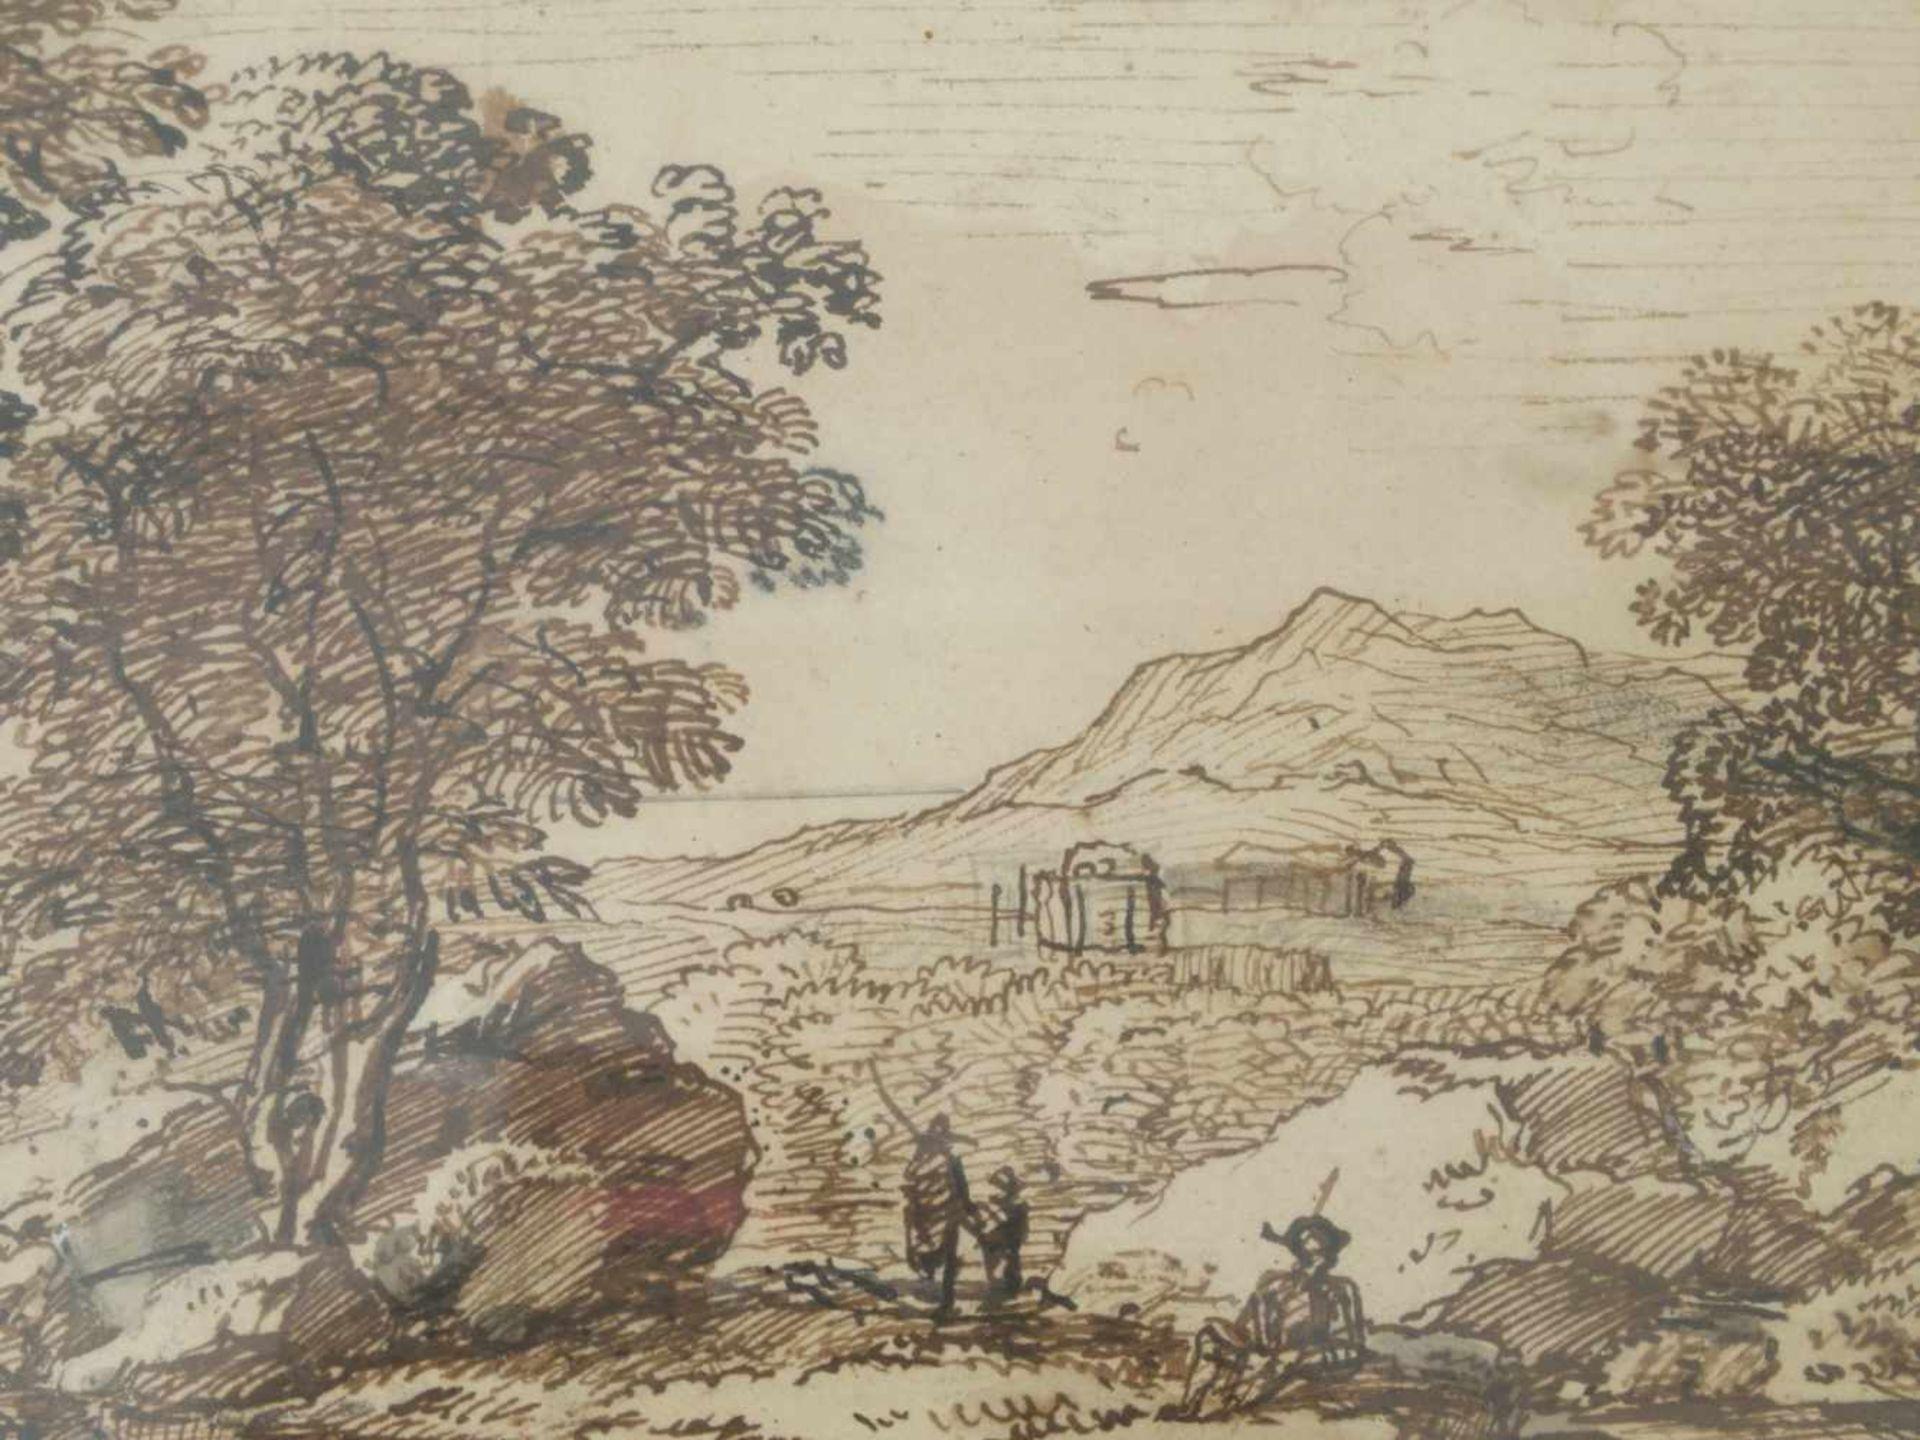 Kobell, Ferdinand (1740-1799) - Federzeichnung LandschaftWeiter Blick auf eine Hügellandschaft, in - Bild 3 aus 4